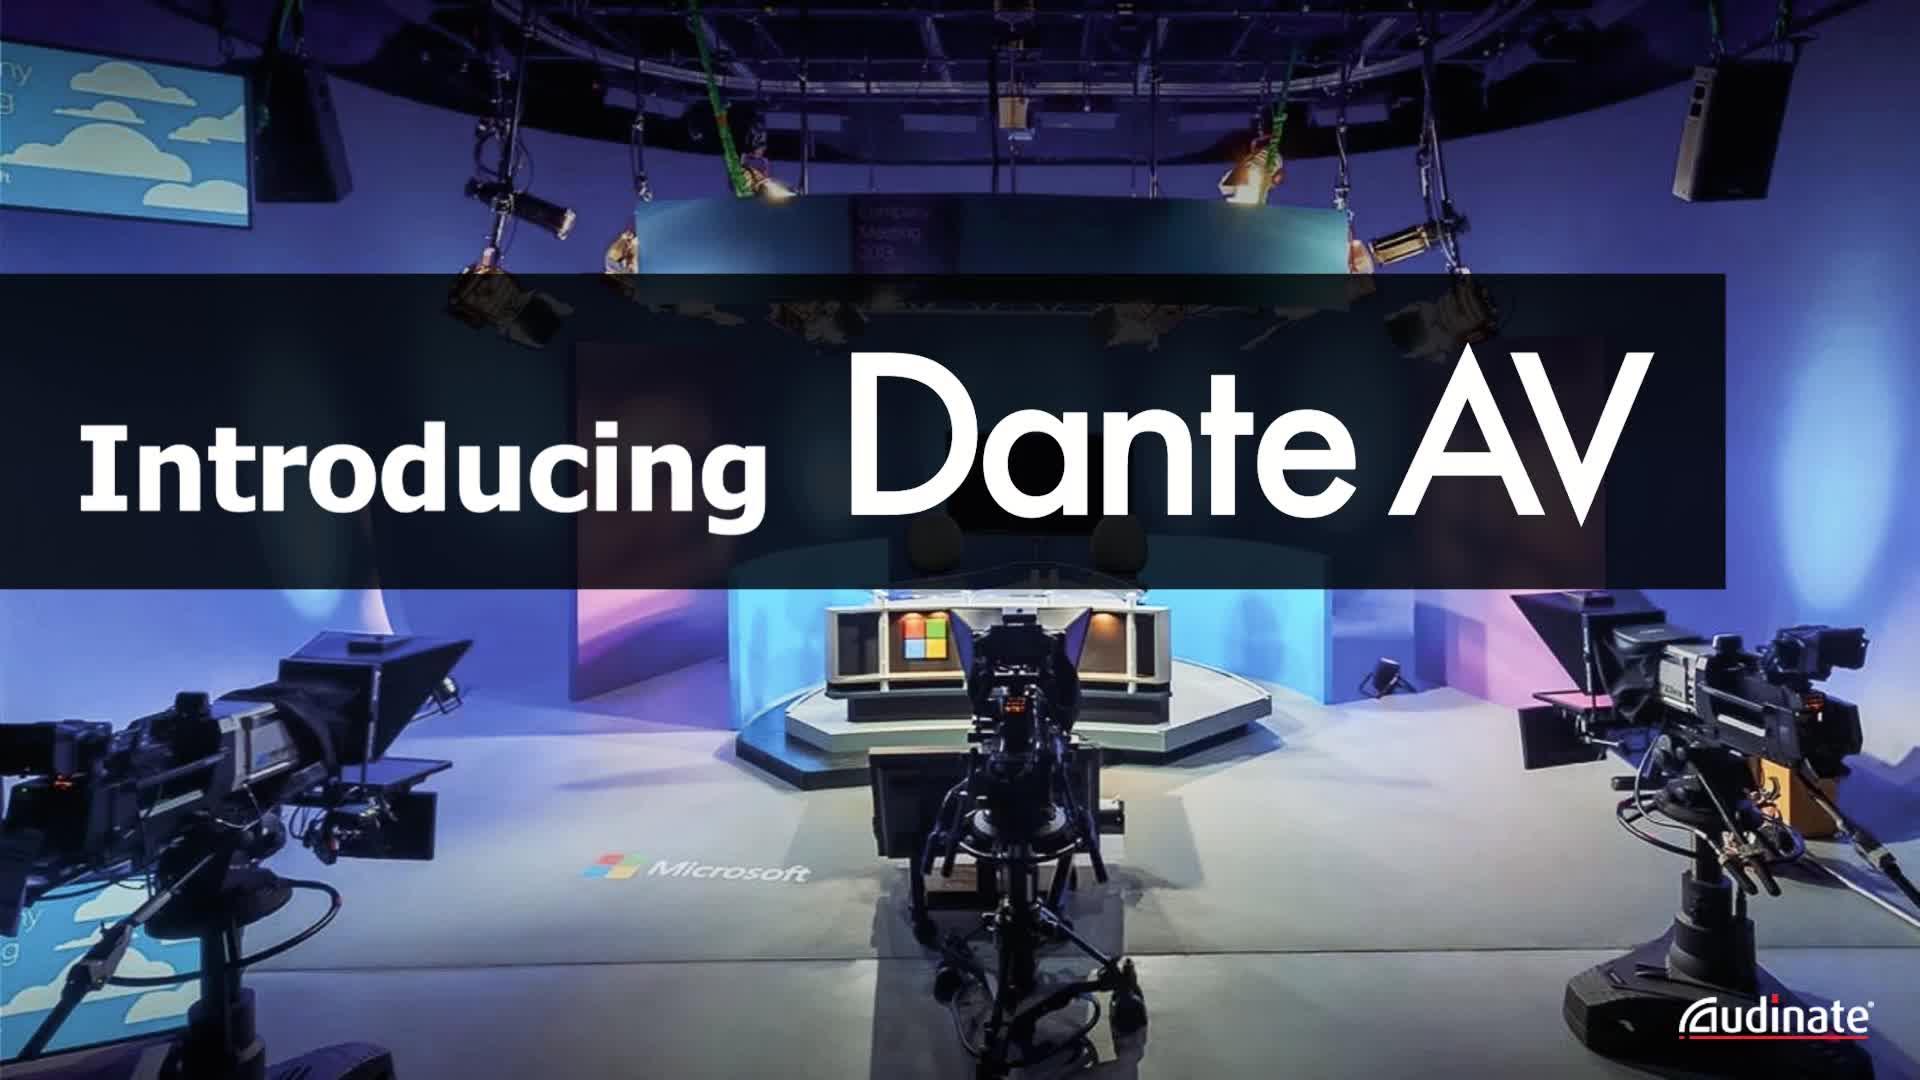 Dante AV 简介